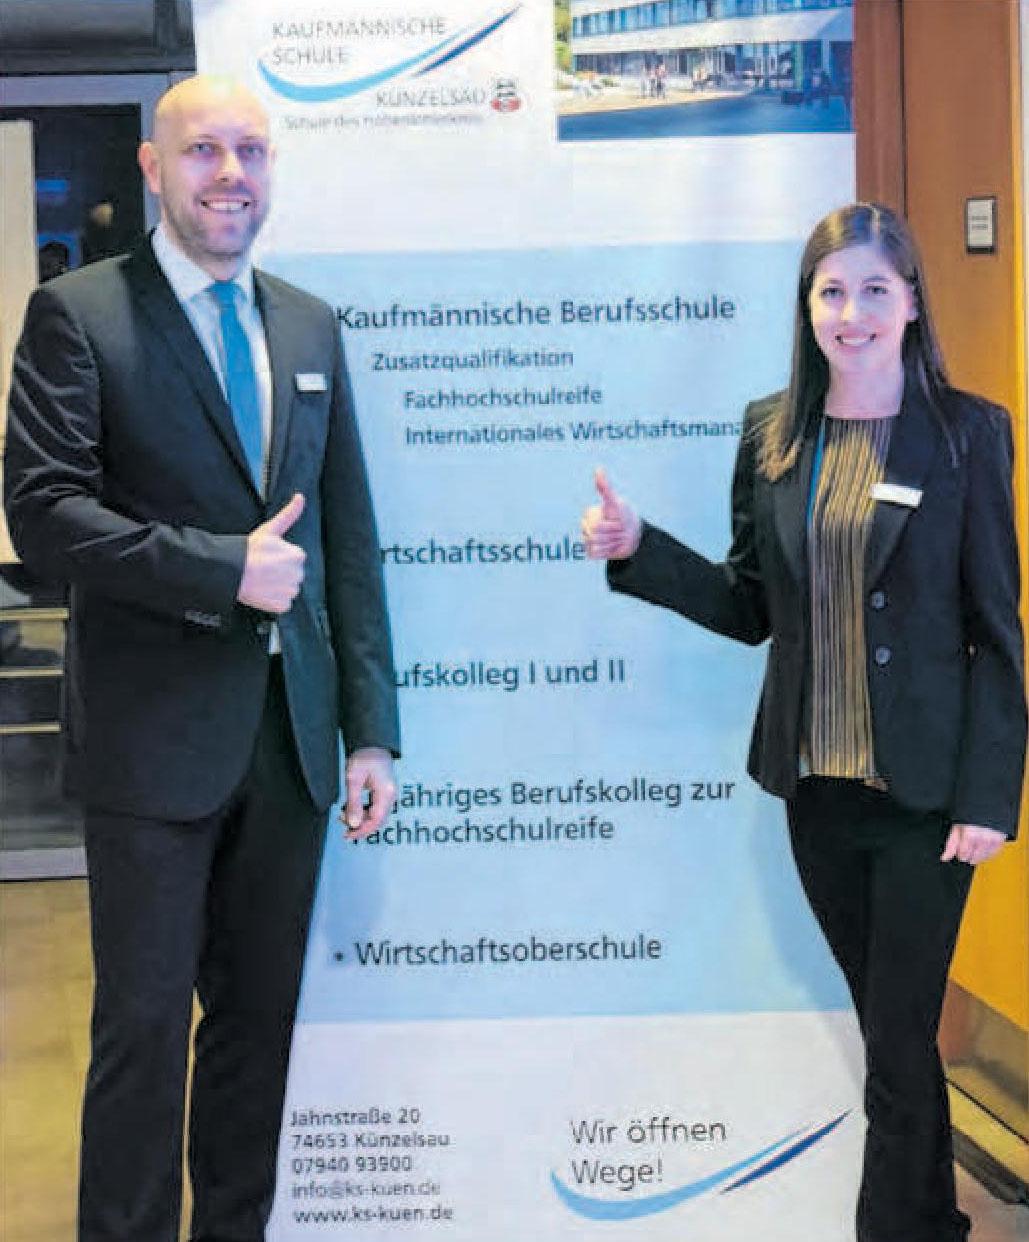 Patrick Wagner und Claudia Bader, das Organisationsteam des Berufsinfotages, freuen sich auf viele junge Besucher.